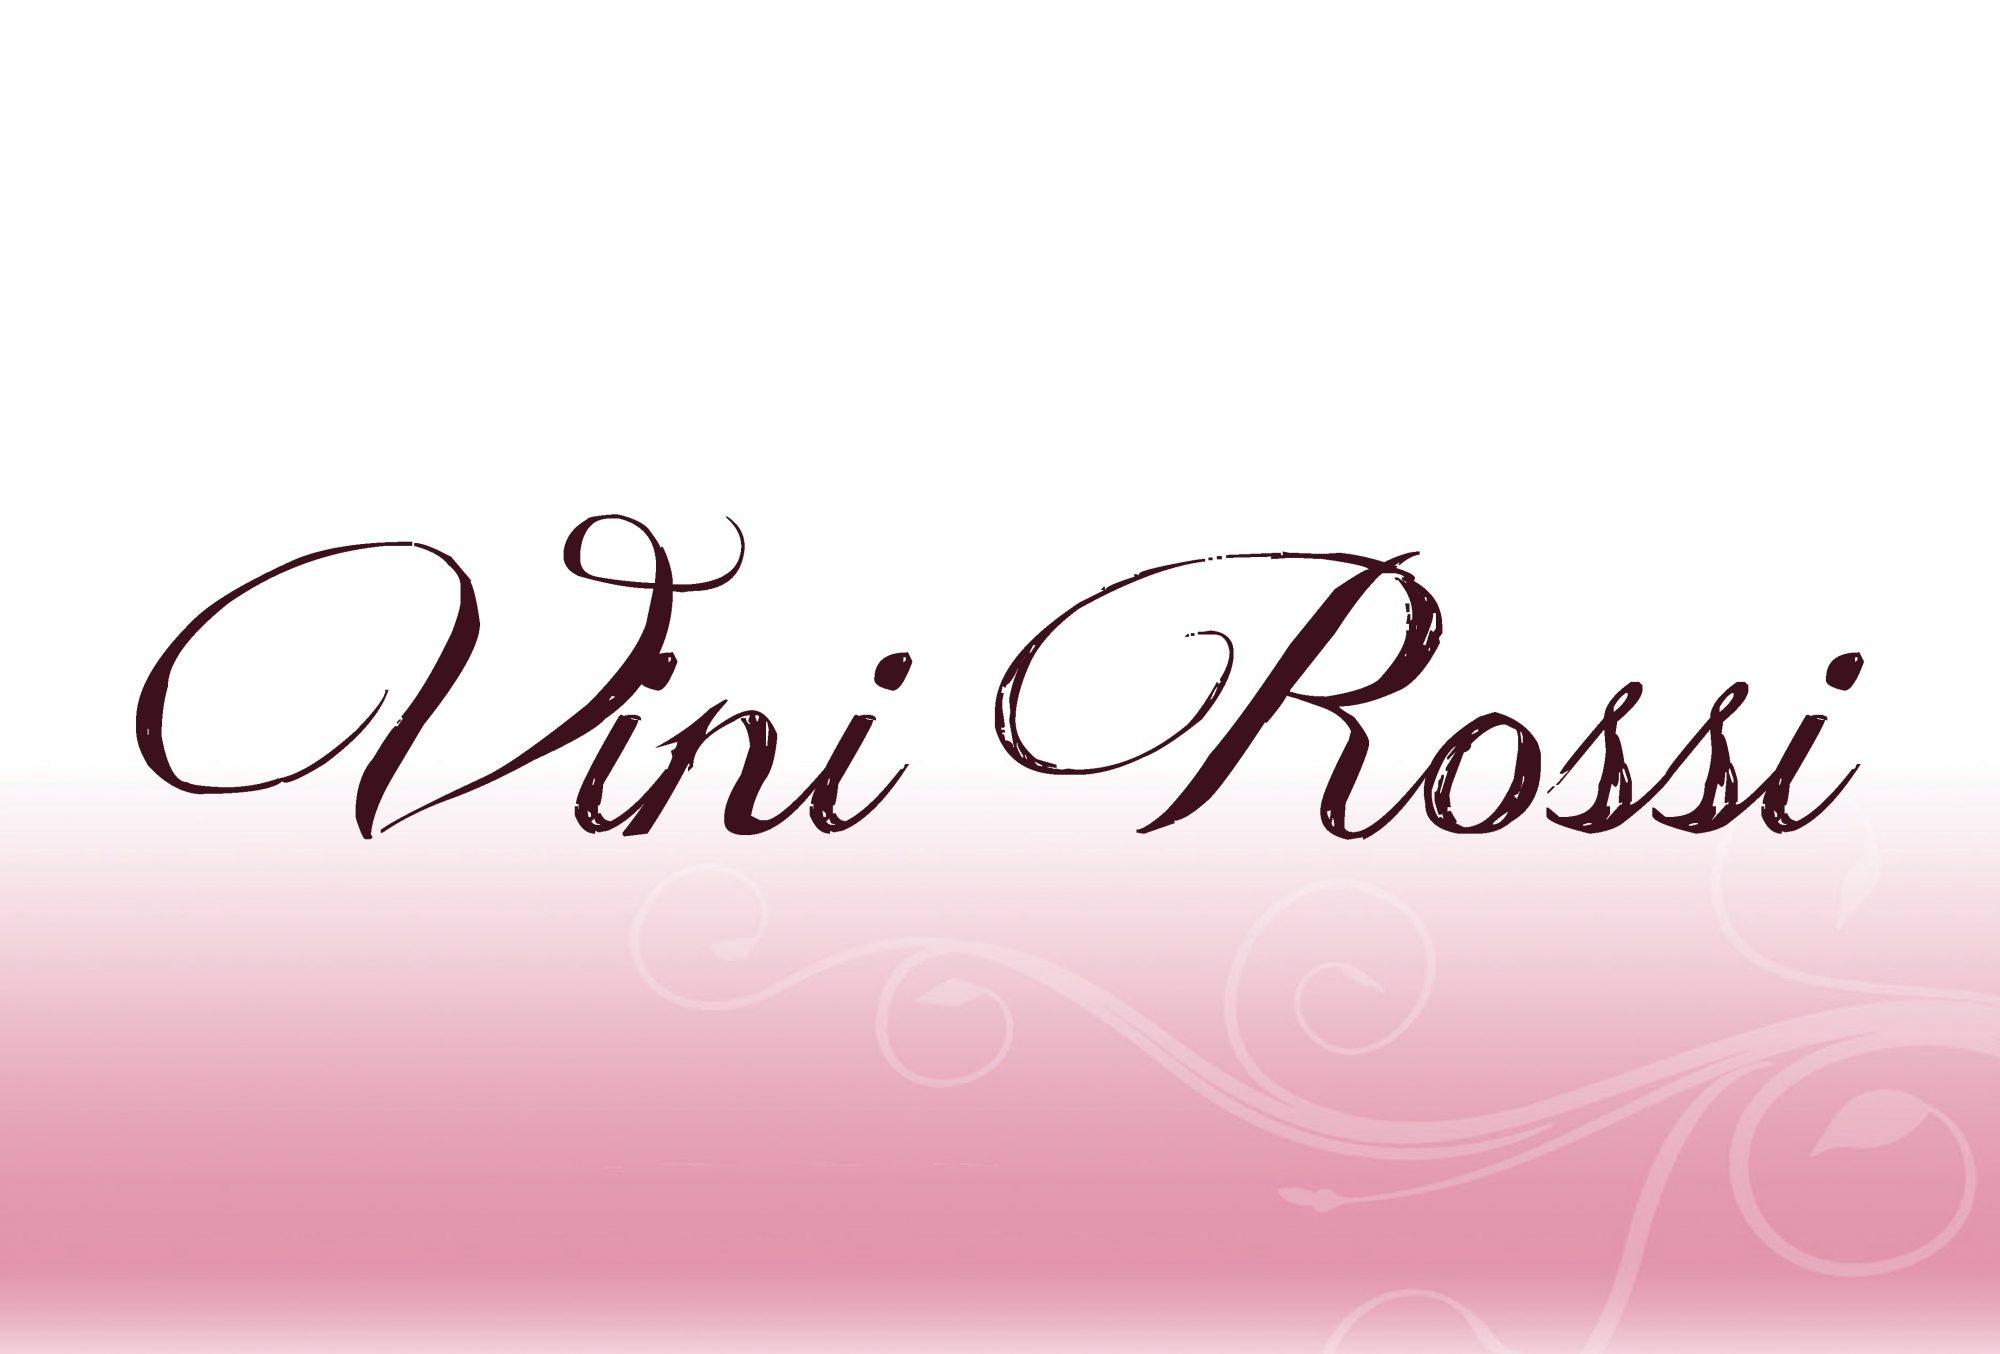 vinirossi-03